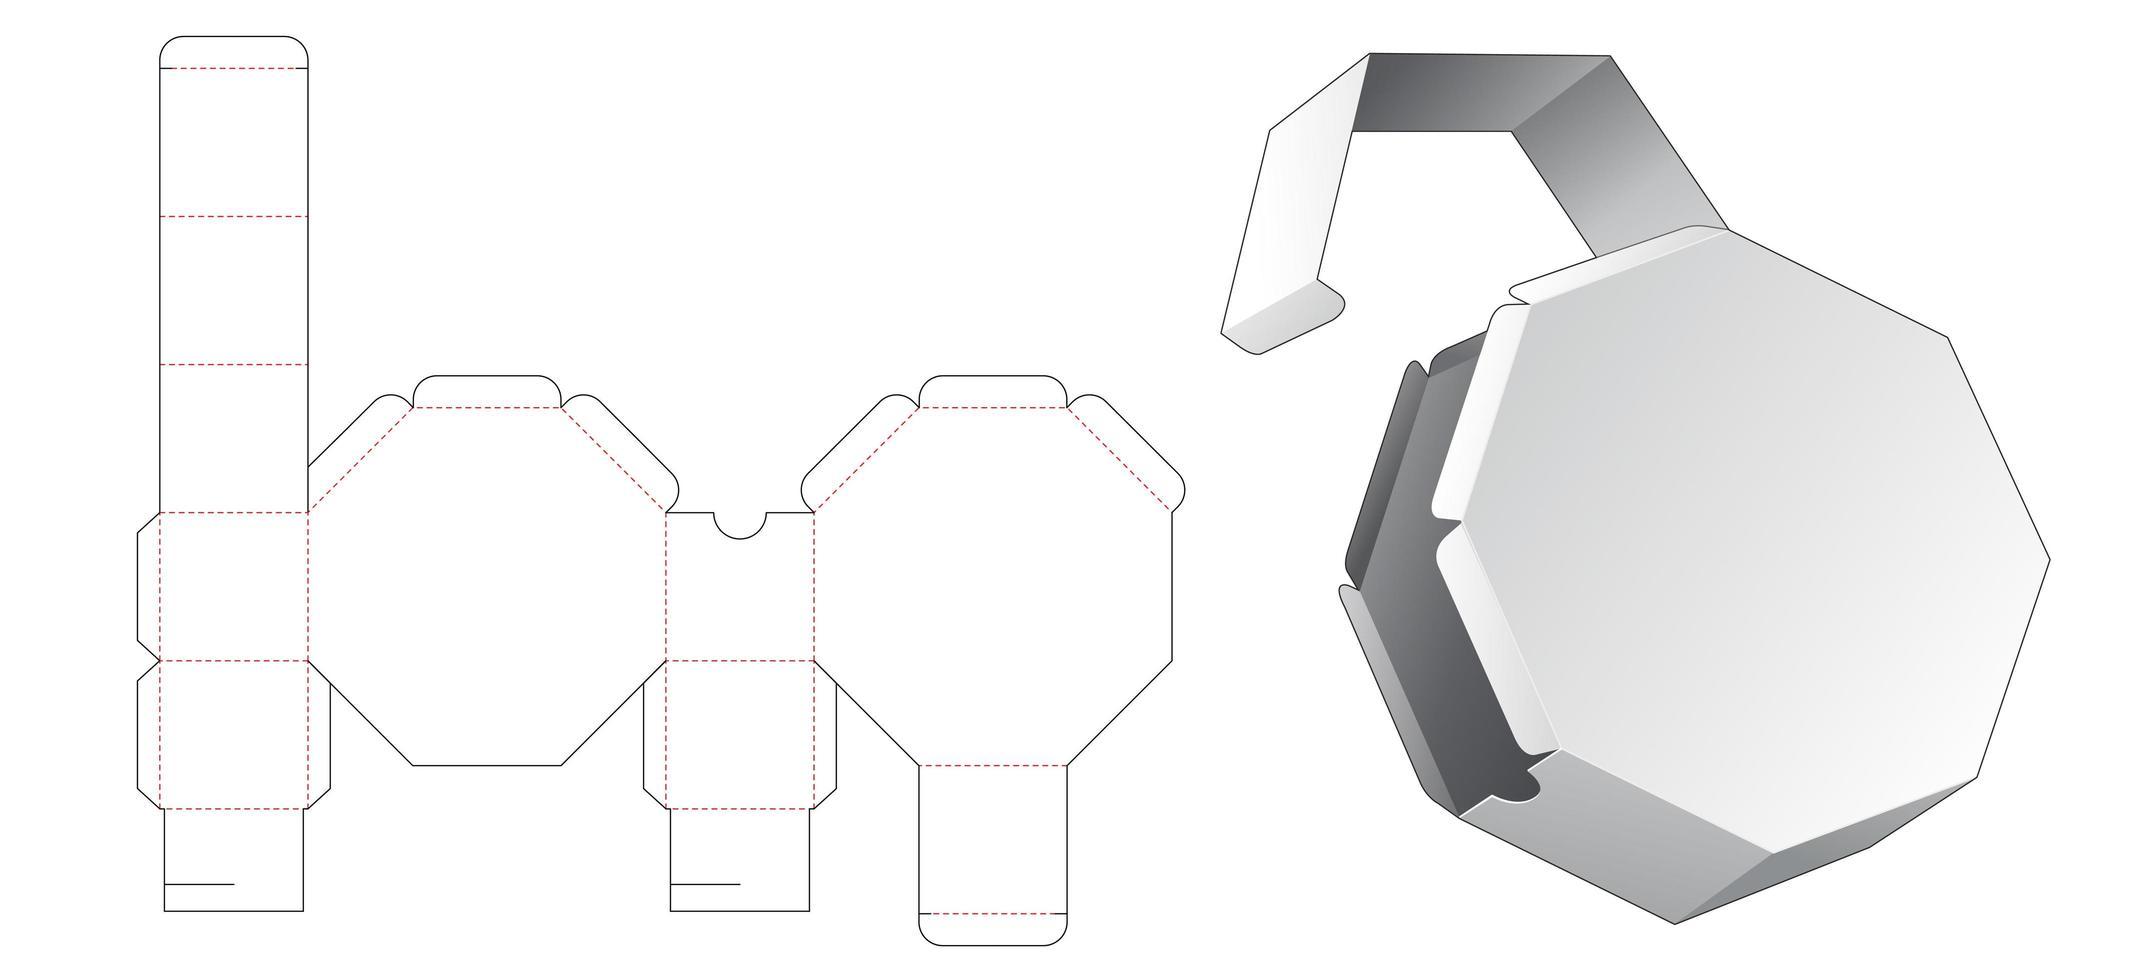 Boîte d'emballage octogonale 1 pièce vecteur